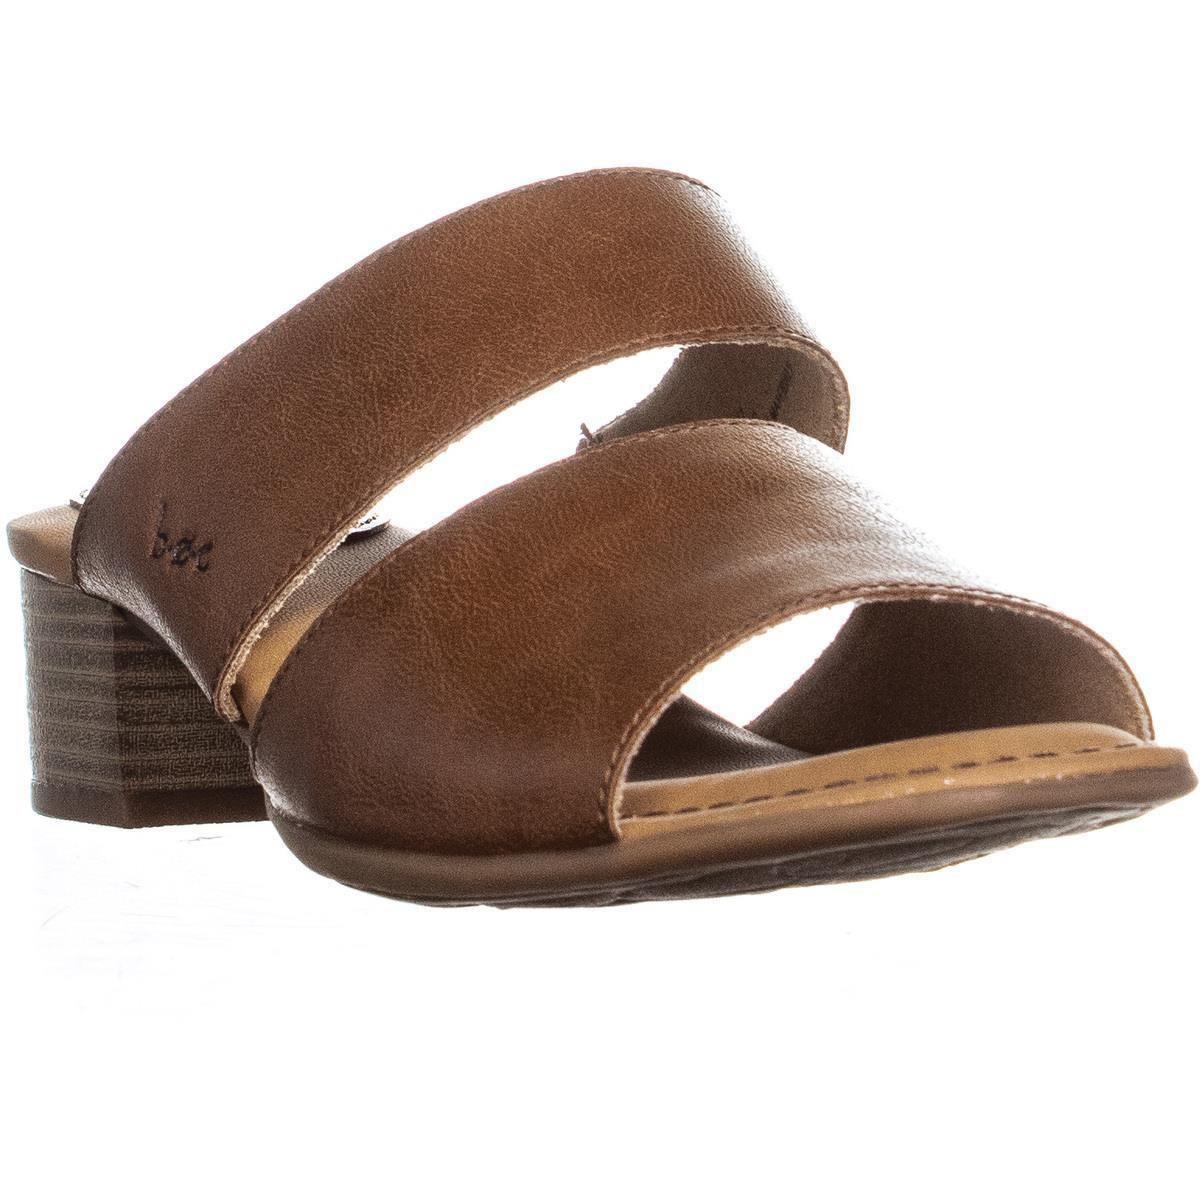 c584567a28134 Born womens lyanna block heel slide mule sandals light brown jpg 1200x1200 Light  brown mule